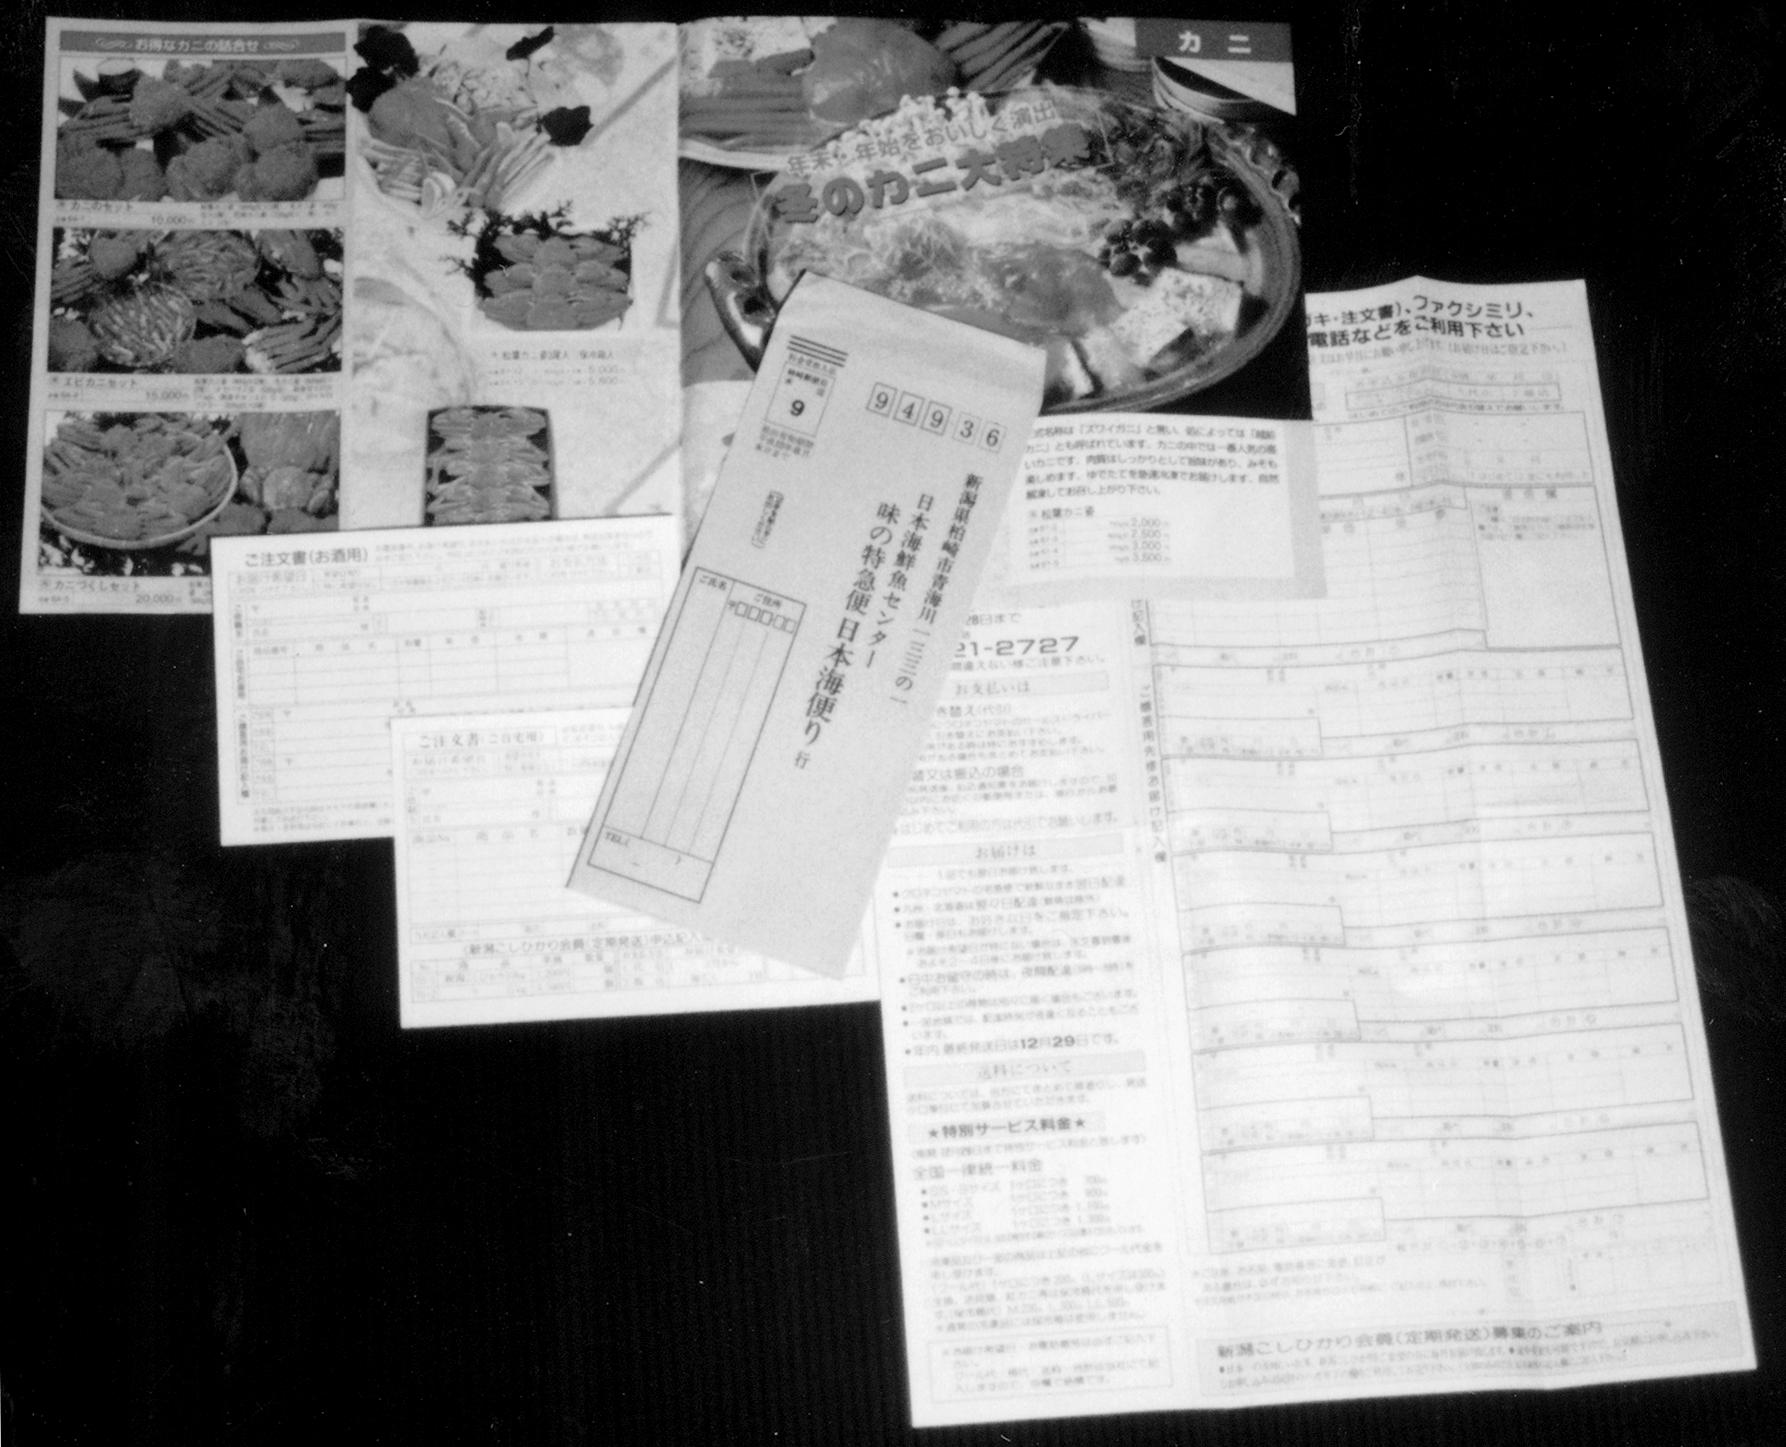 カタログ味の特急便 日本海便りと、DM に同封されている申込用紙